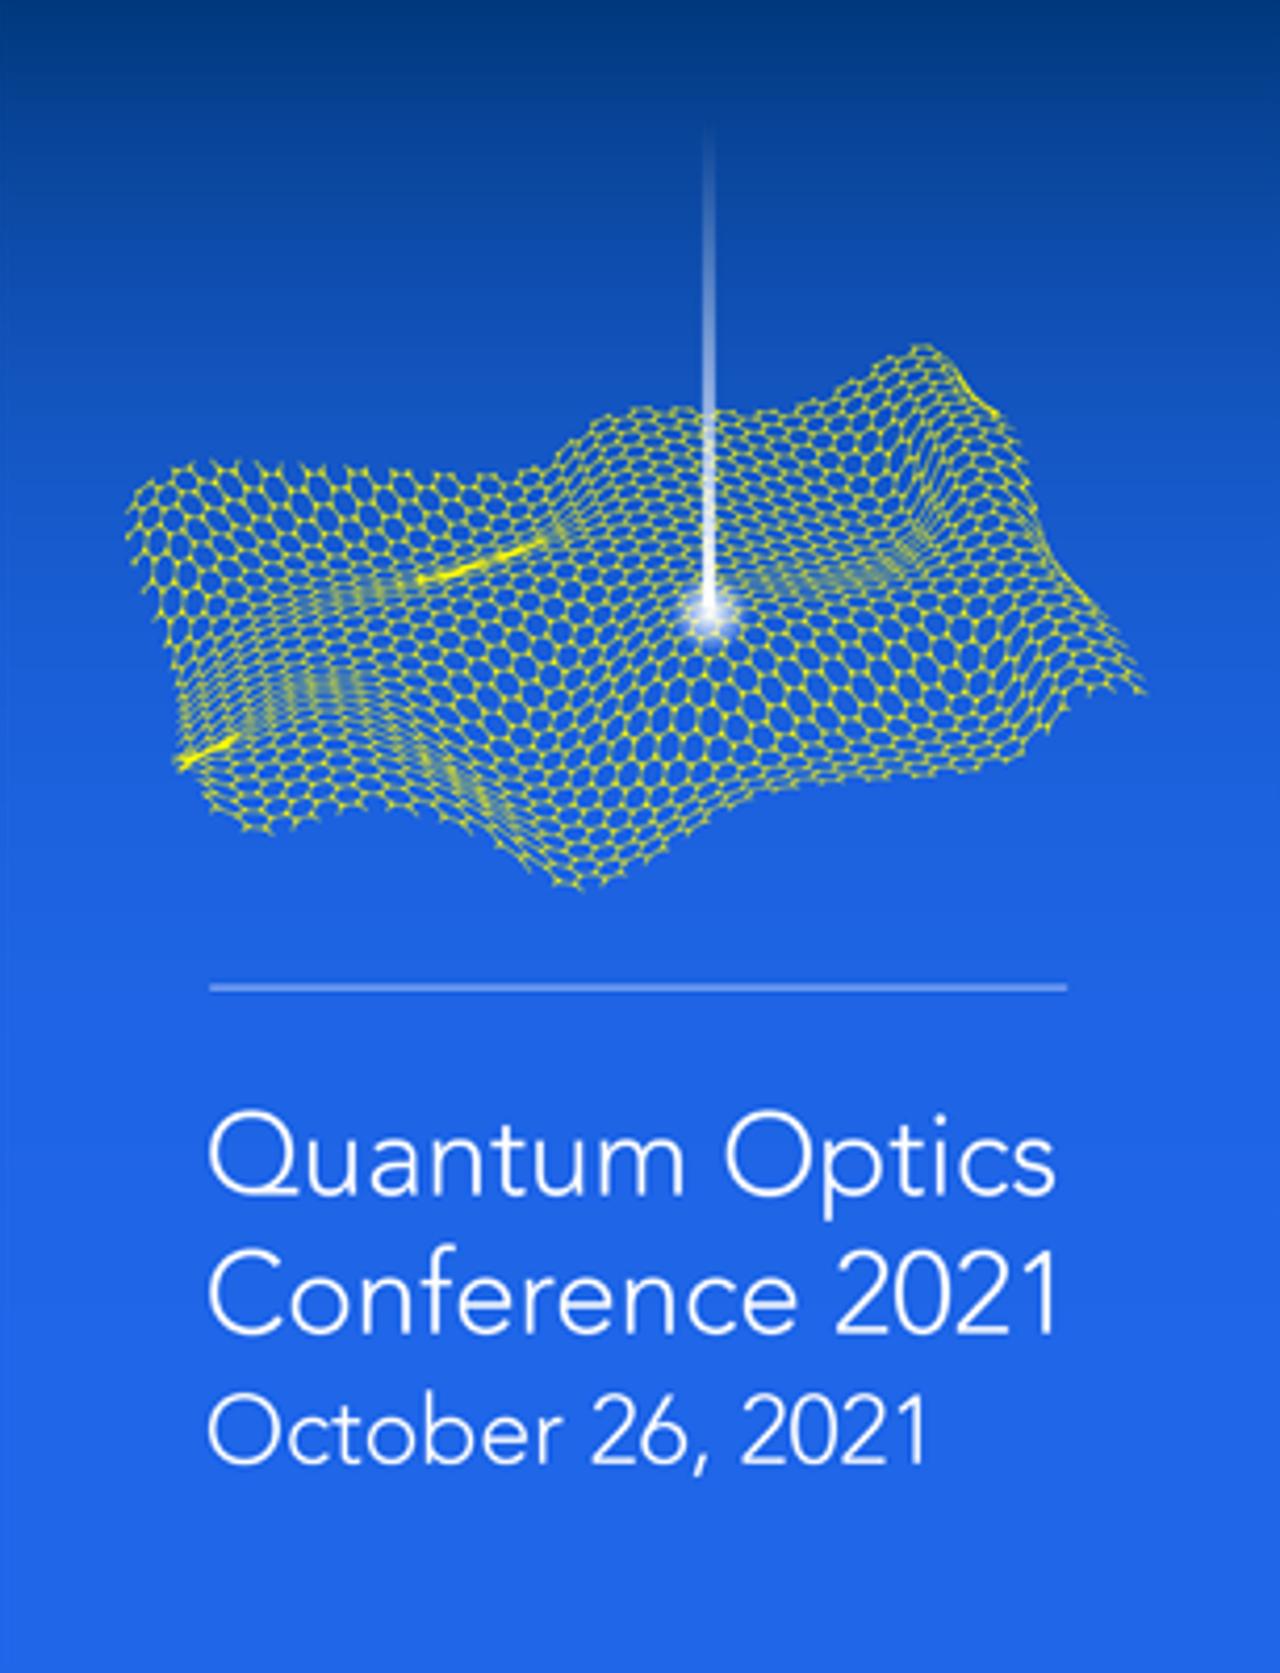 306x400-MCQST-Quantum-Optics-Logo